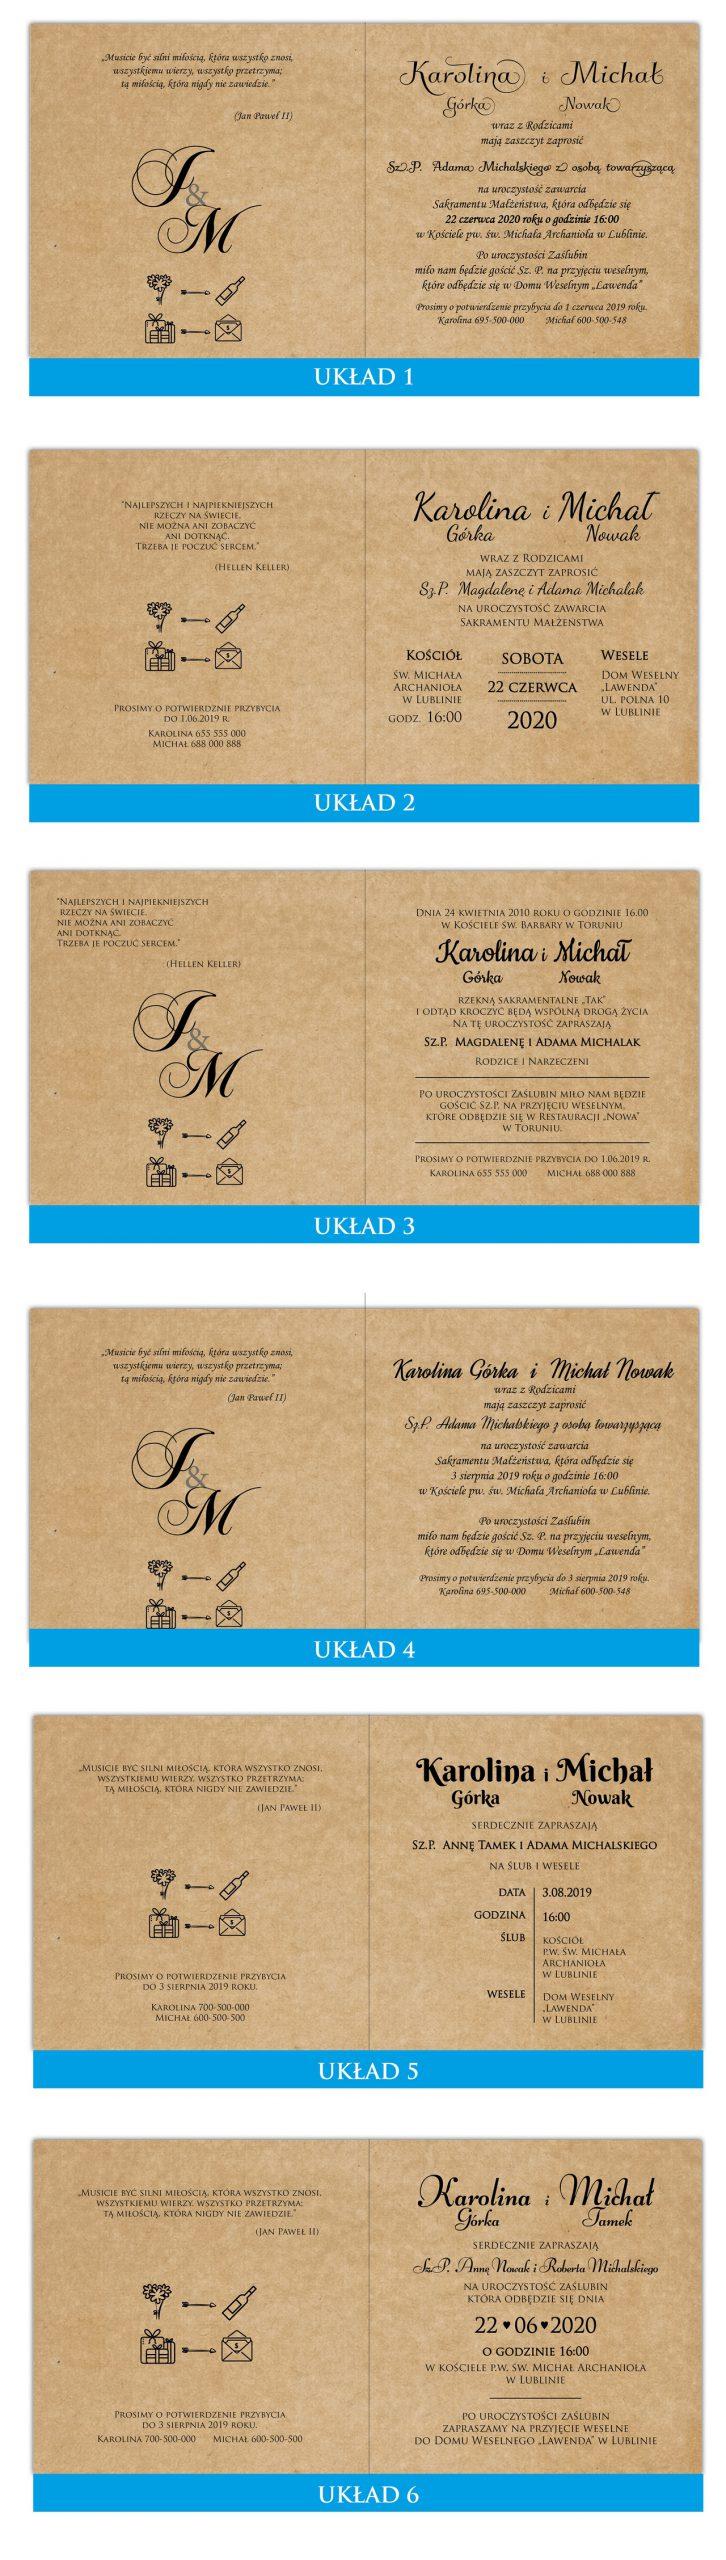 zaproszenia-ślubne-boho-rustykalne-kwiatowe-Nikola3-ze-sznurkiem-eko-klejone-front-na-białym-papierze-układy-tekstu